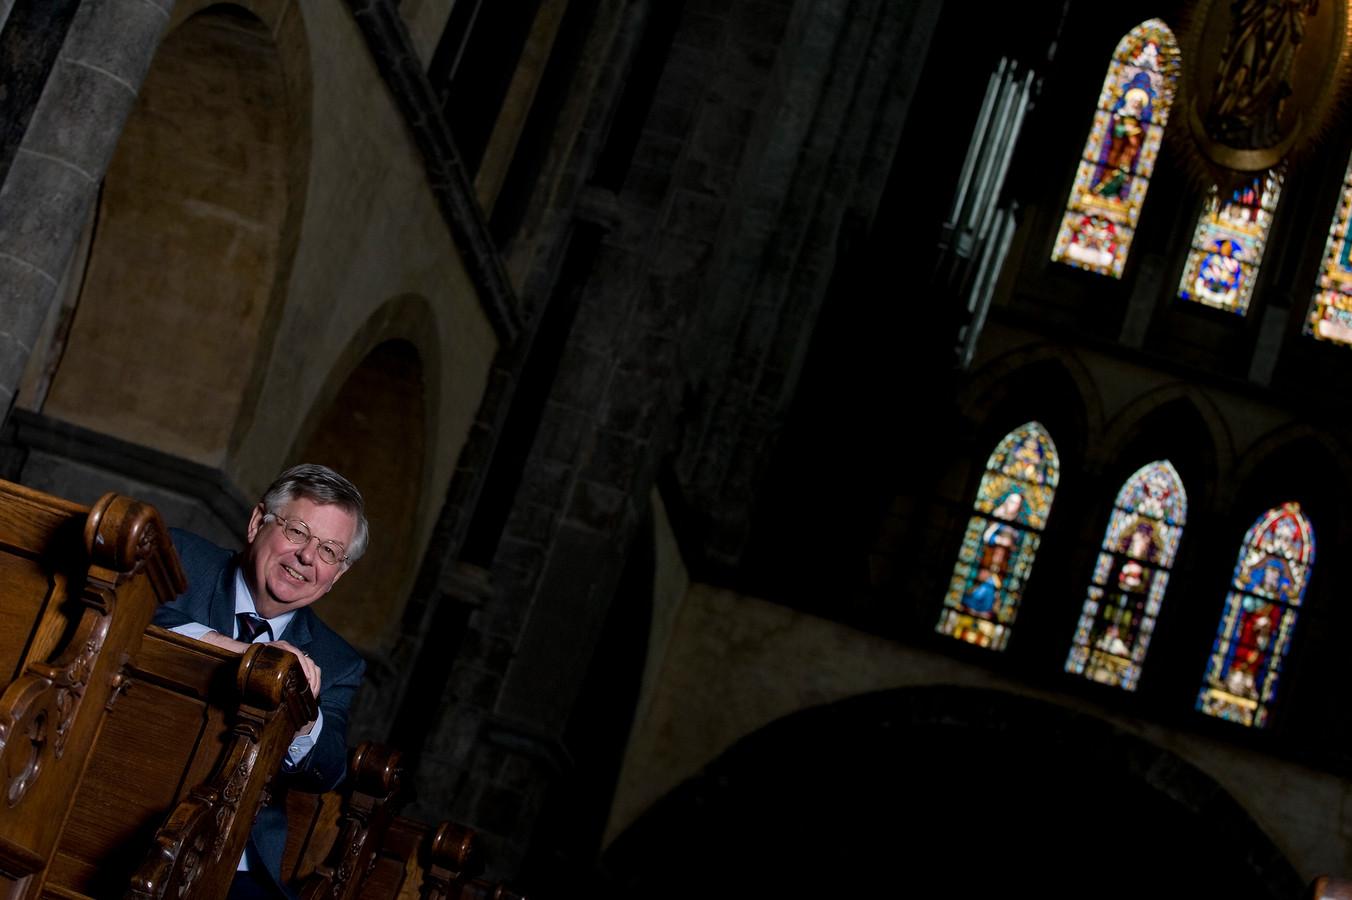 Oud burgemeester van Arnhem Herman Kaiser gefotografeerd in de Munsterkerk waar de graftombe van de Graaf van Gelre staat.